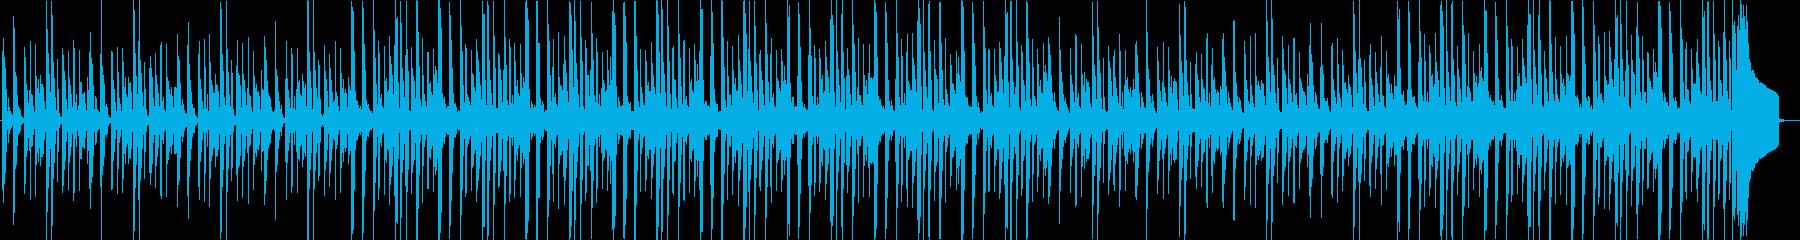 ほっこりするほのぼの系BGMの再生済みの波形